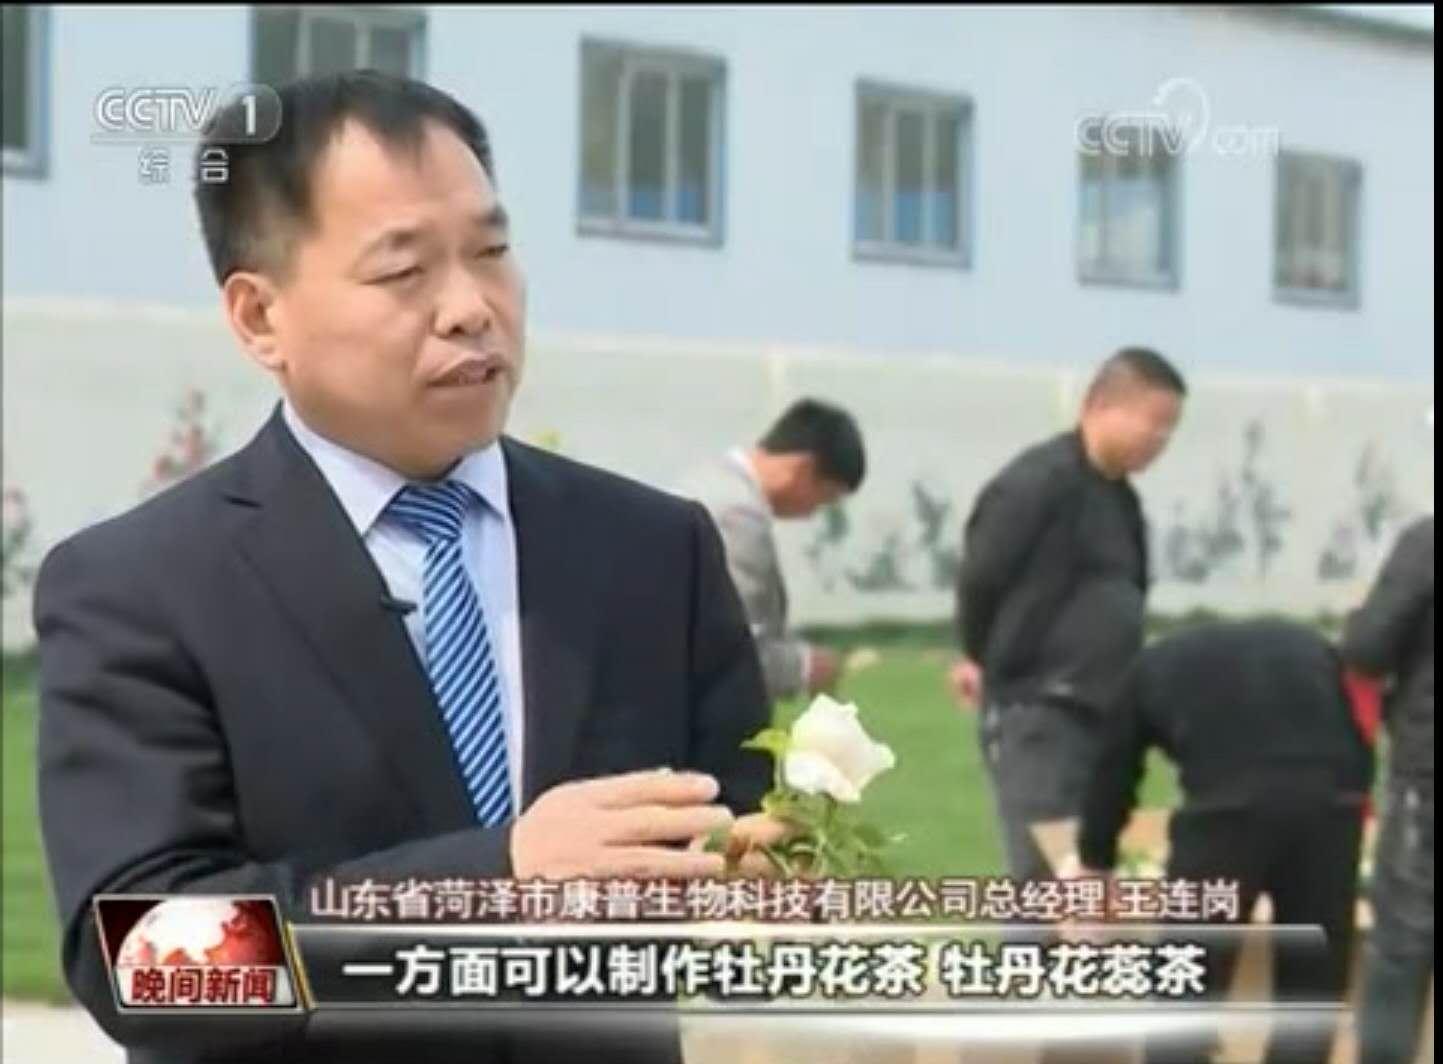 牡丹花里的百亿大产业——麟源牡丹公司总经理王连岗接受央视采访